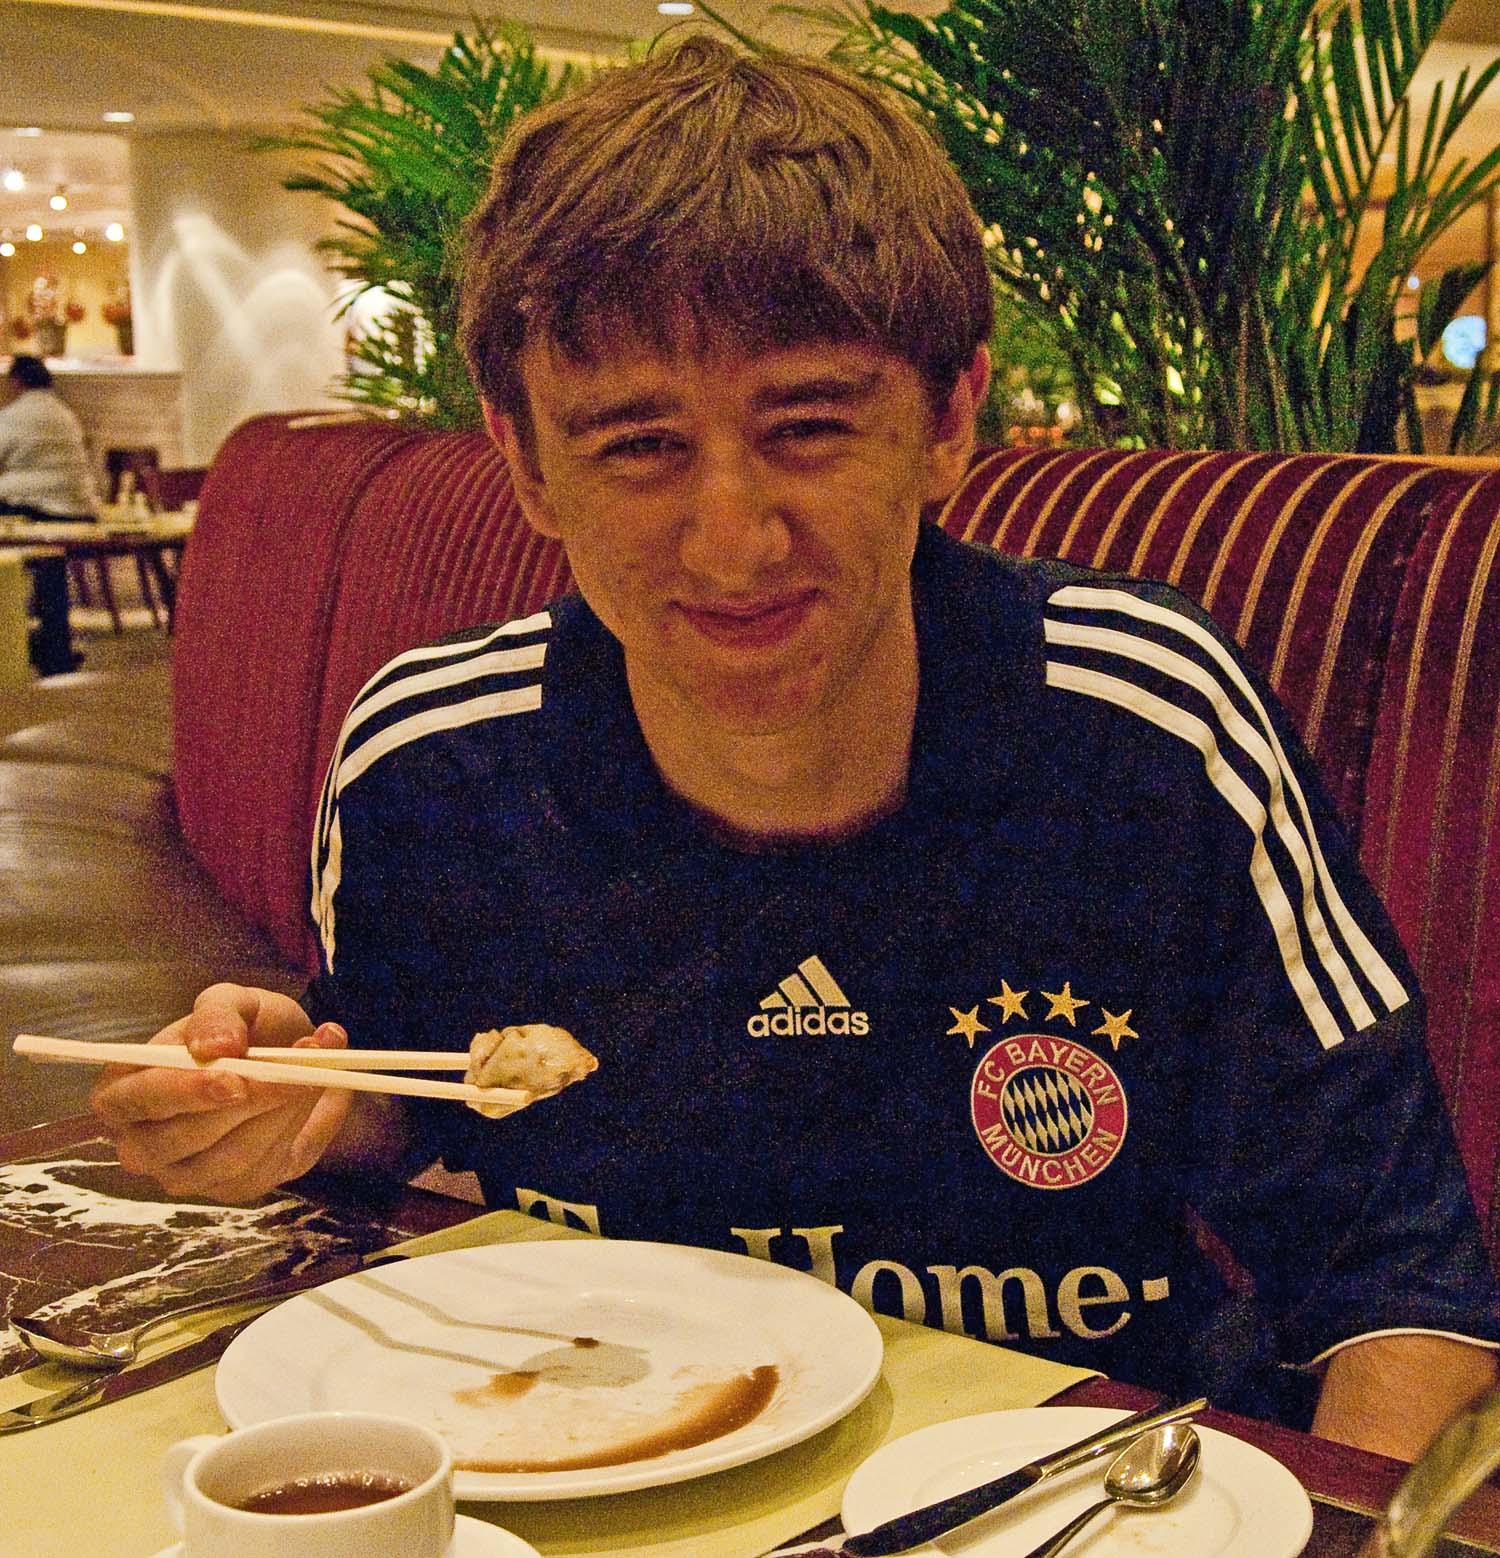 Henry dumpling - 3/20/10 Shanghai